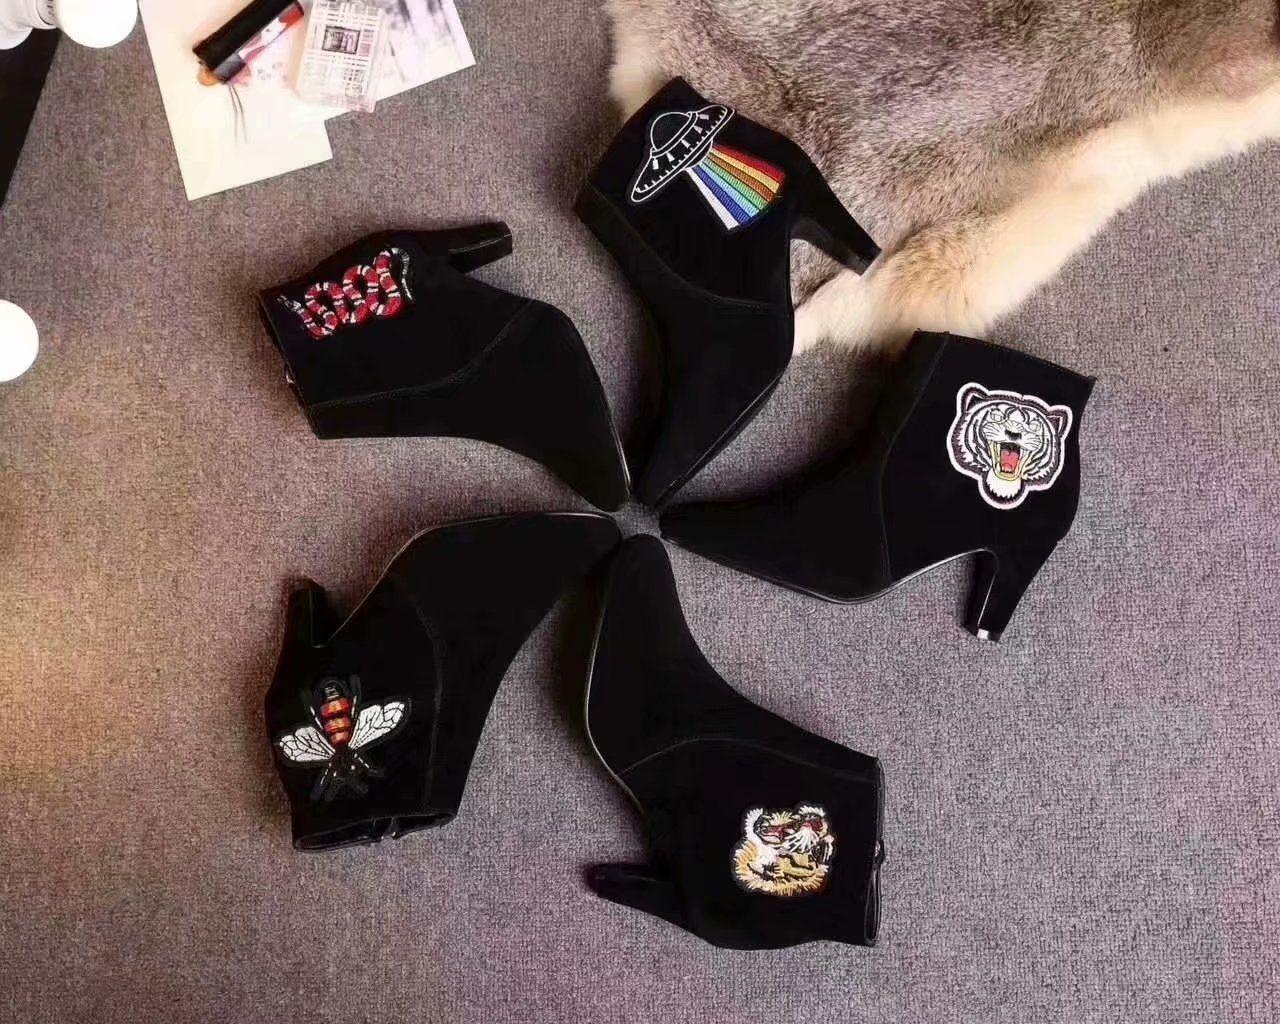 65e815940 Compre Saltos Femininos Com Padrões De Personalidade Elegante 2018 New Pure  Color Sharp Sapatos Femininos Designer De Marca De Moda Sapatos Elegantes  De ...